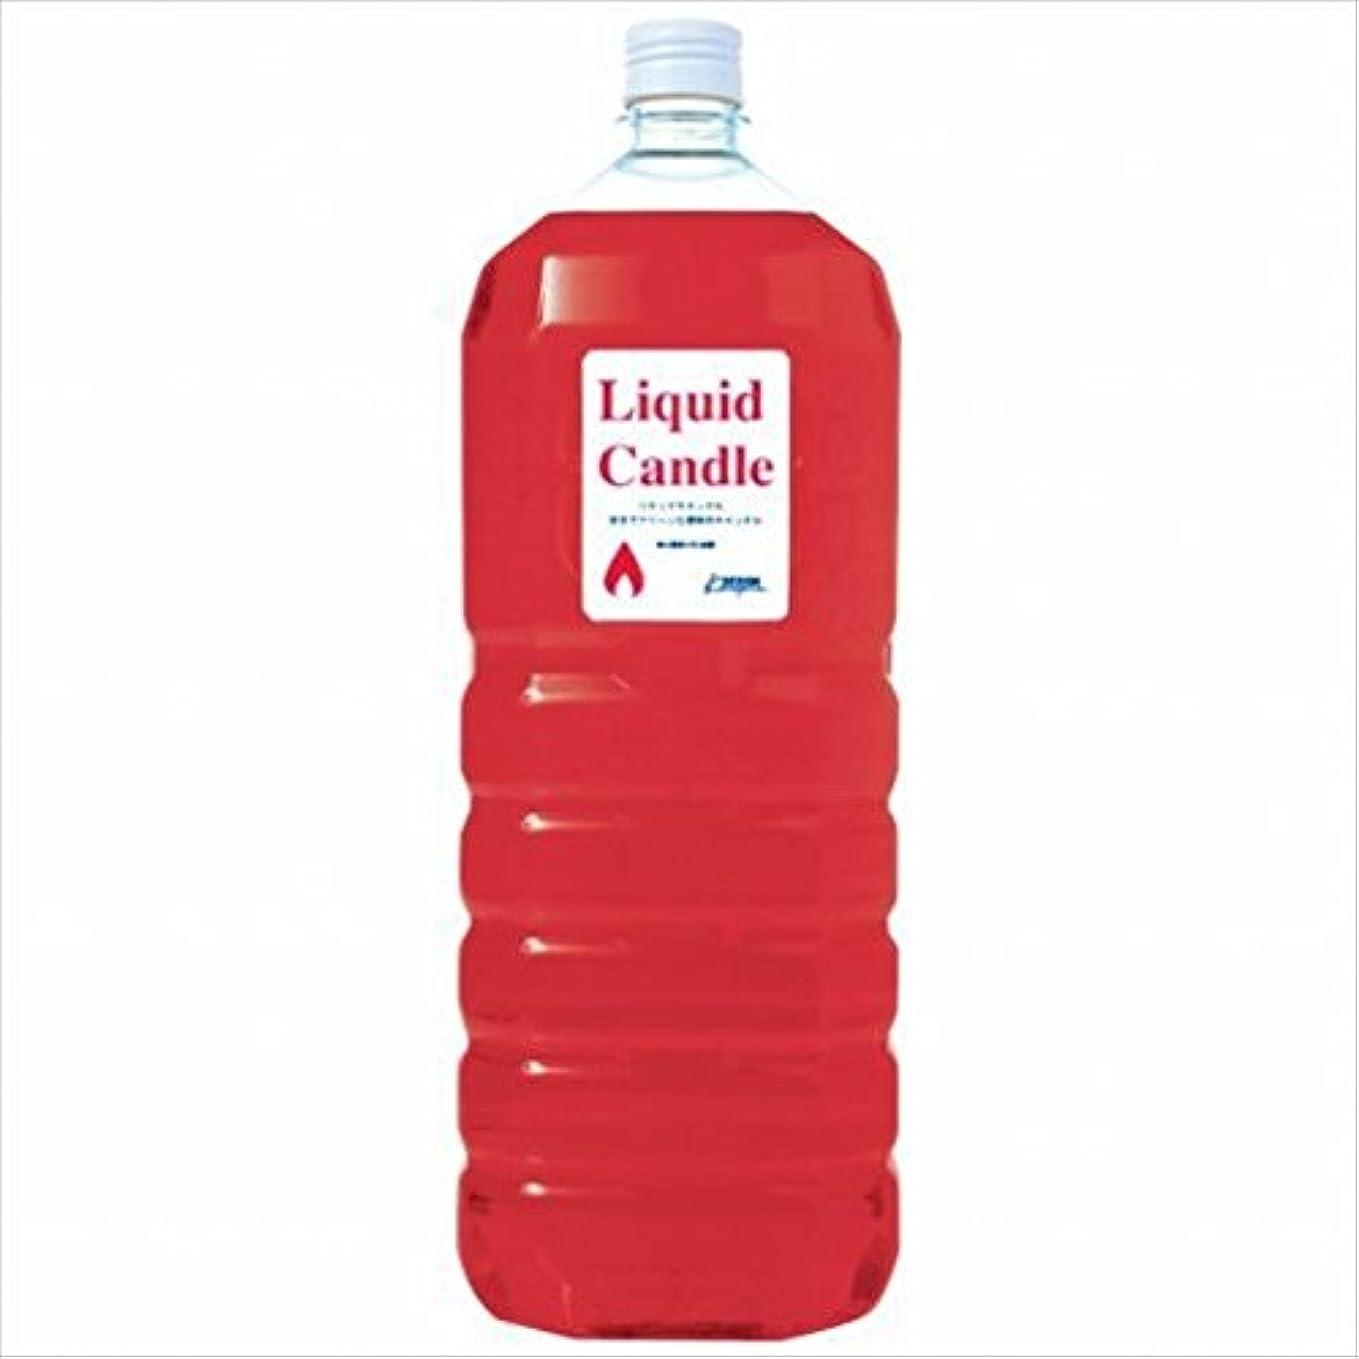 間接的システム賠償カメヤマキャンドル( kameyama candle ) リキッドキャンドル2リットル 「 レッド 」